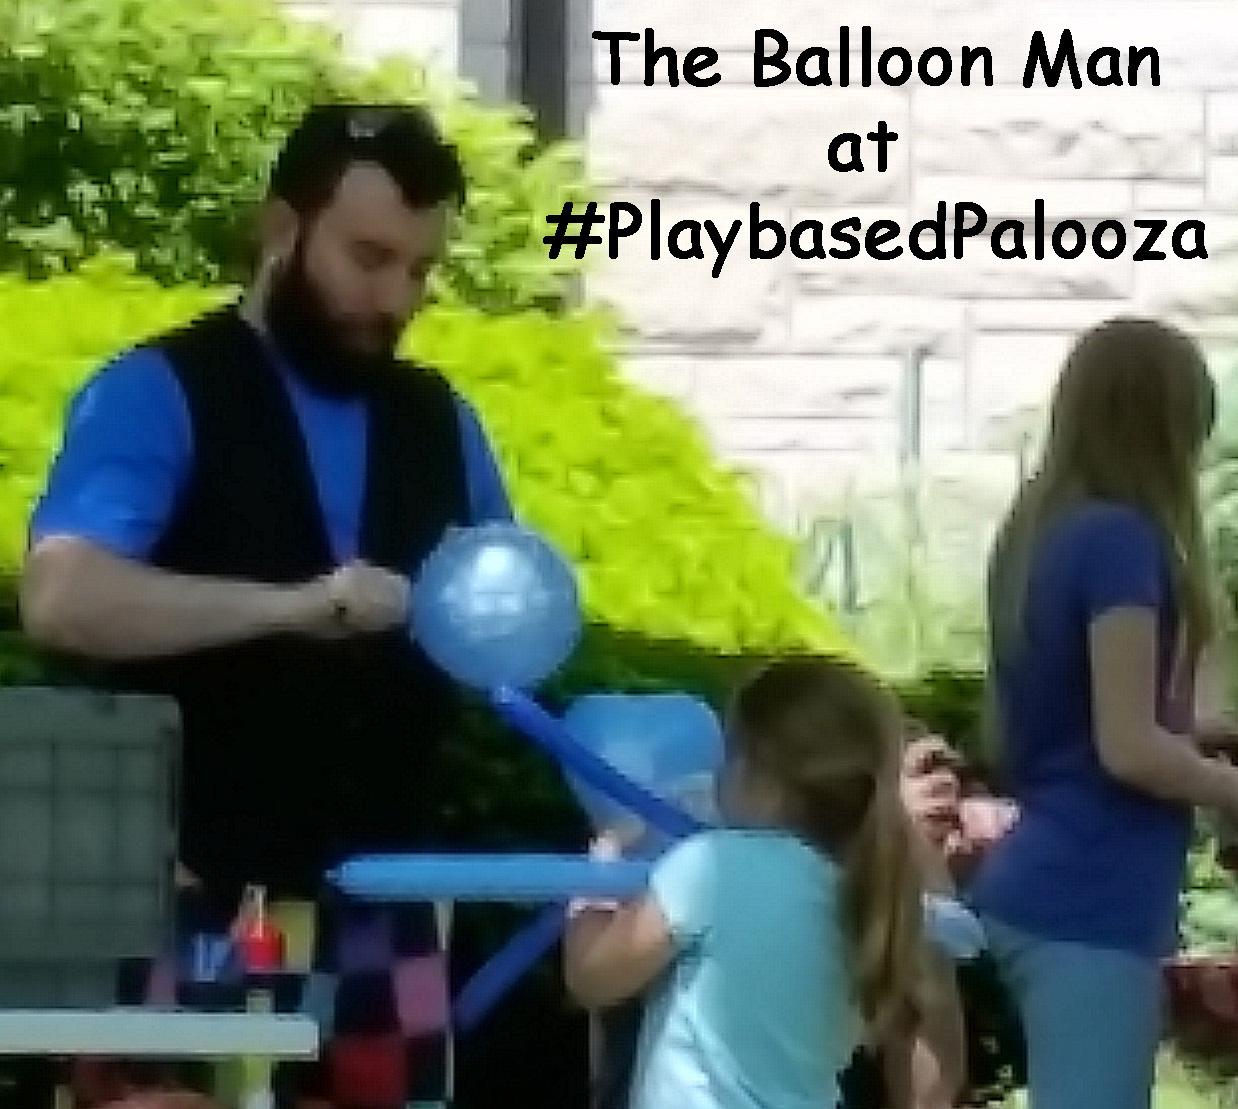 Ballooncap